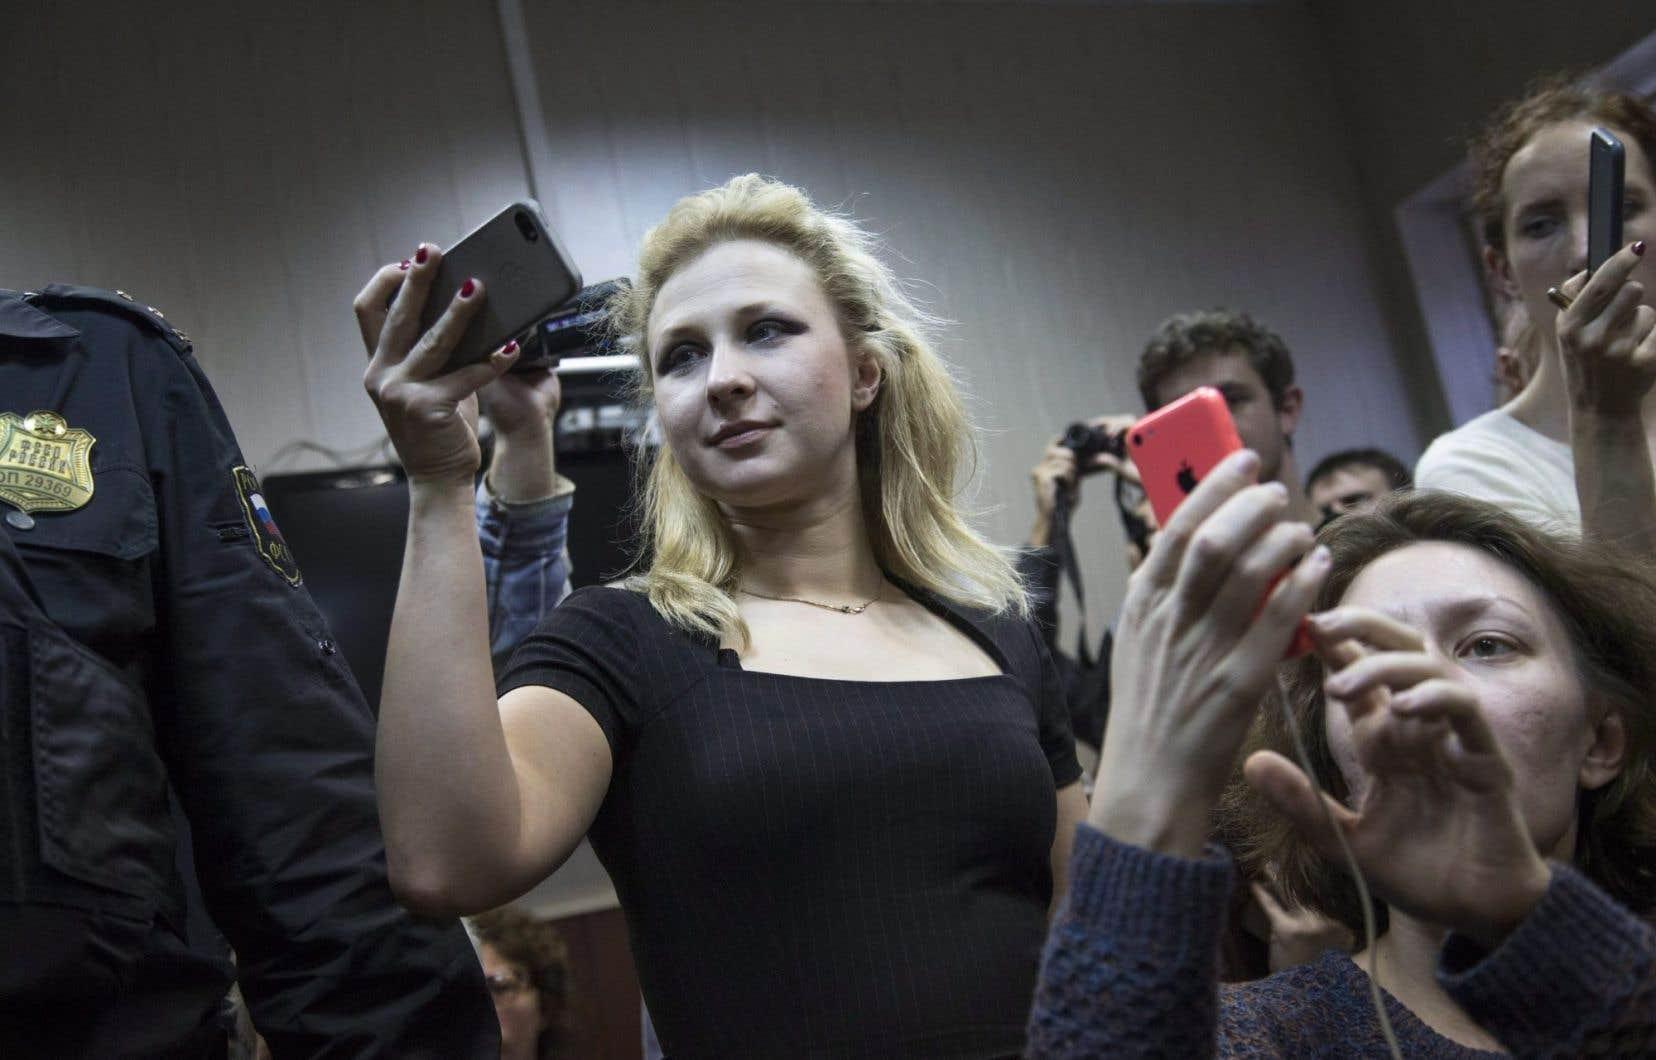 Maria Alekhina a été libéré en décembre2013 du camp où elle purgeait sa peine pour «hooliganisme», pour avoir récité, avec ses collègues en cagoules, collants et jupettes colorées, une incantation punk invitant à se débarrasser de Poutine, dans une cathédrale de Moscou.